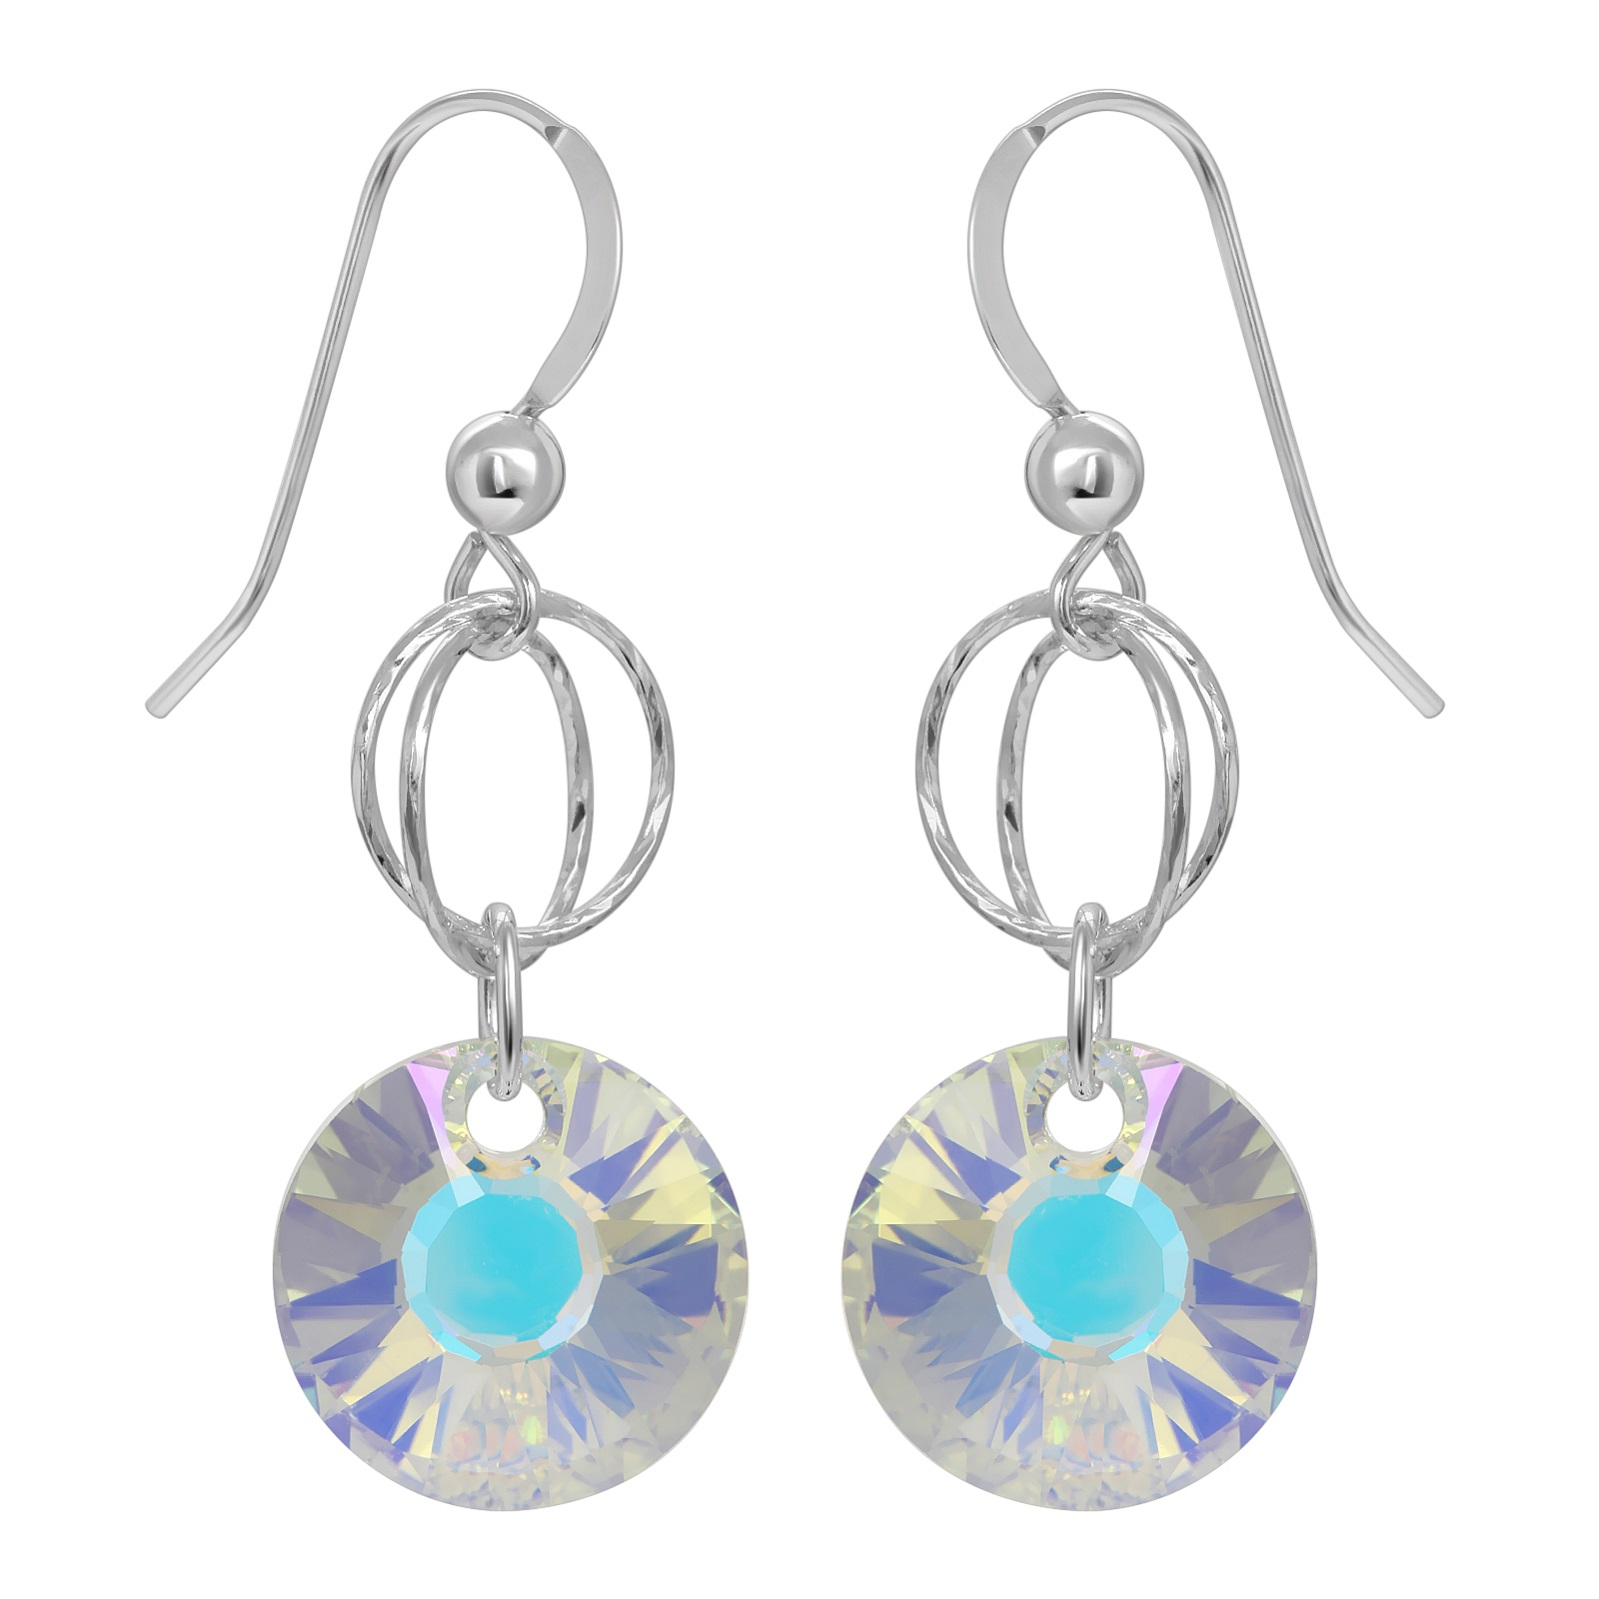 bdb27d250 Wholesale Handmade earrings with SWAROVSKI ELEMENTS Crystal by Sosie ...